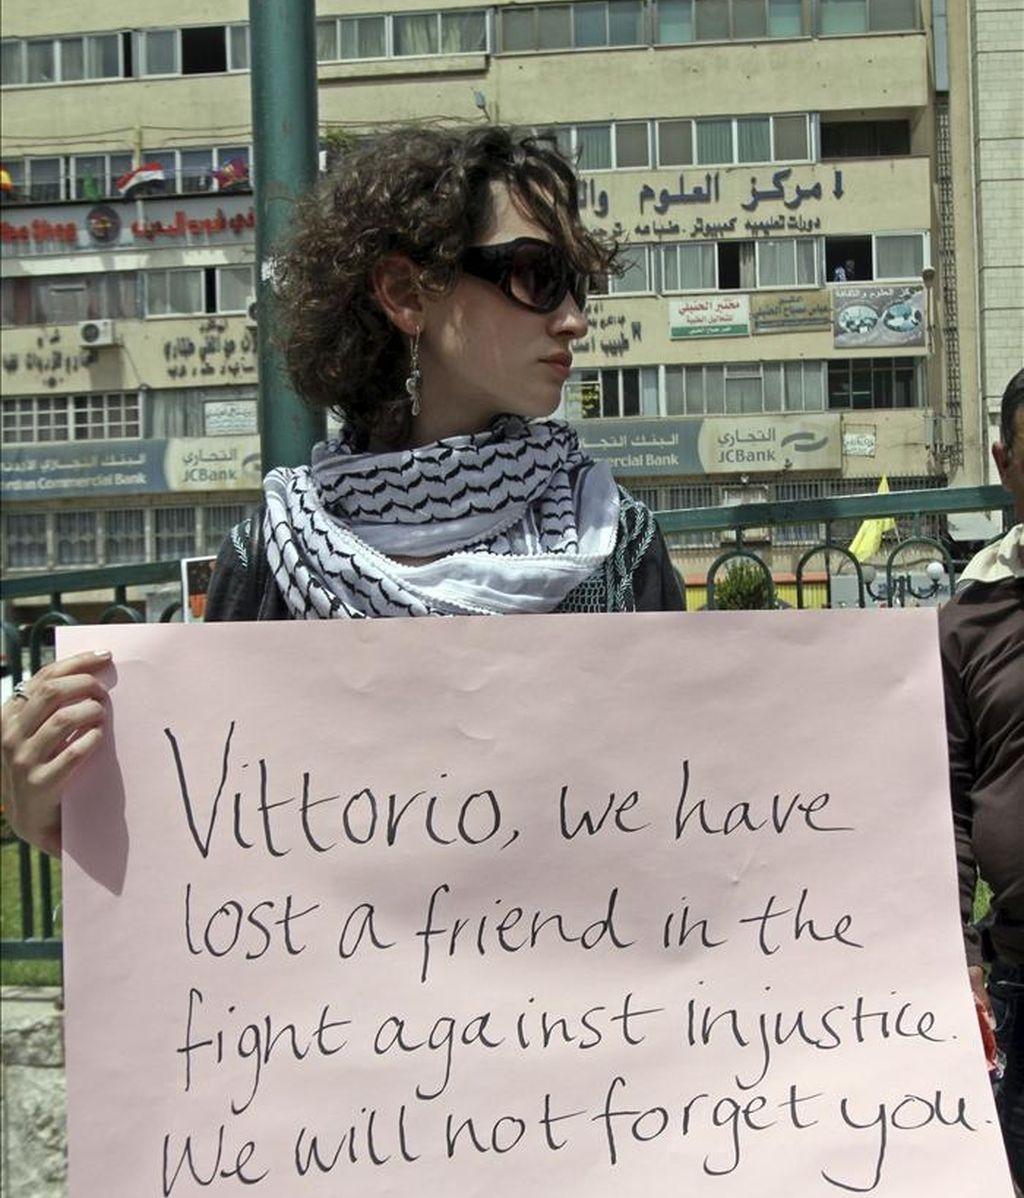 Una activista muestra una pancarta mientras participa en una protesta de repulsa al asesinato del joven activista italiano Vittorio Arrigoni, quien apareció muerto la madrugada del 14 de abril en Gaza tras ser secuestrado por un grupo extremista salafista, hoy sábado 16 de abril de 2011 en Naplusa, Cisjordania. EFE